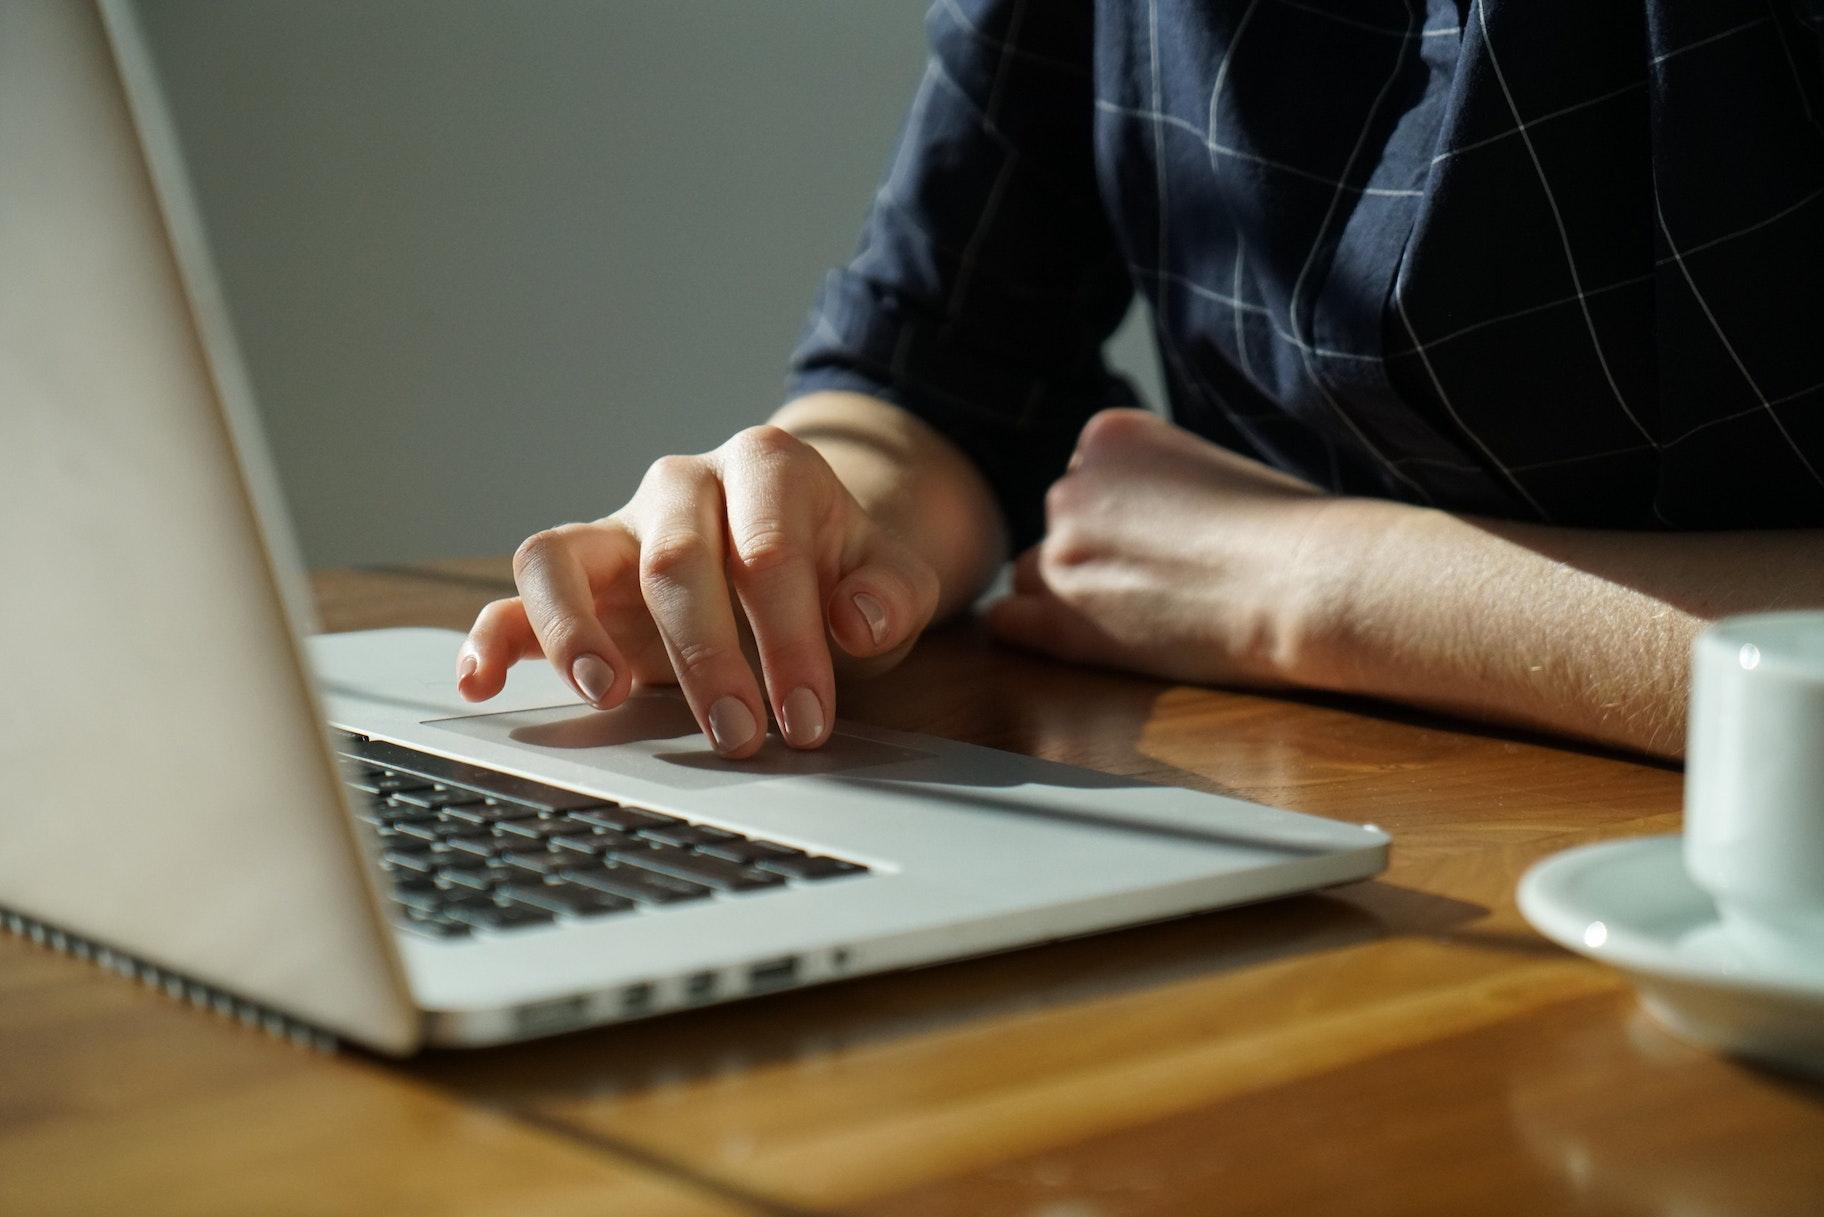 come scegliere un dominio online